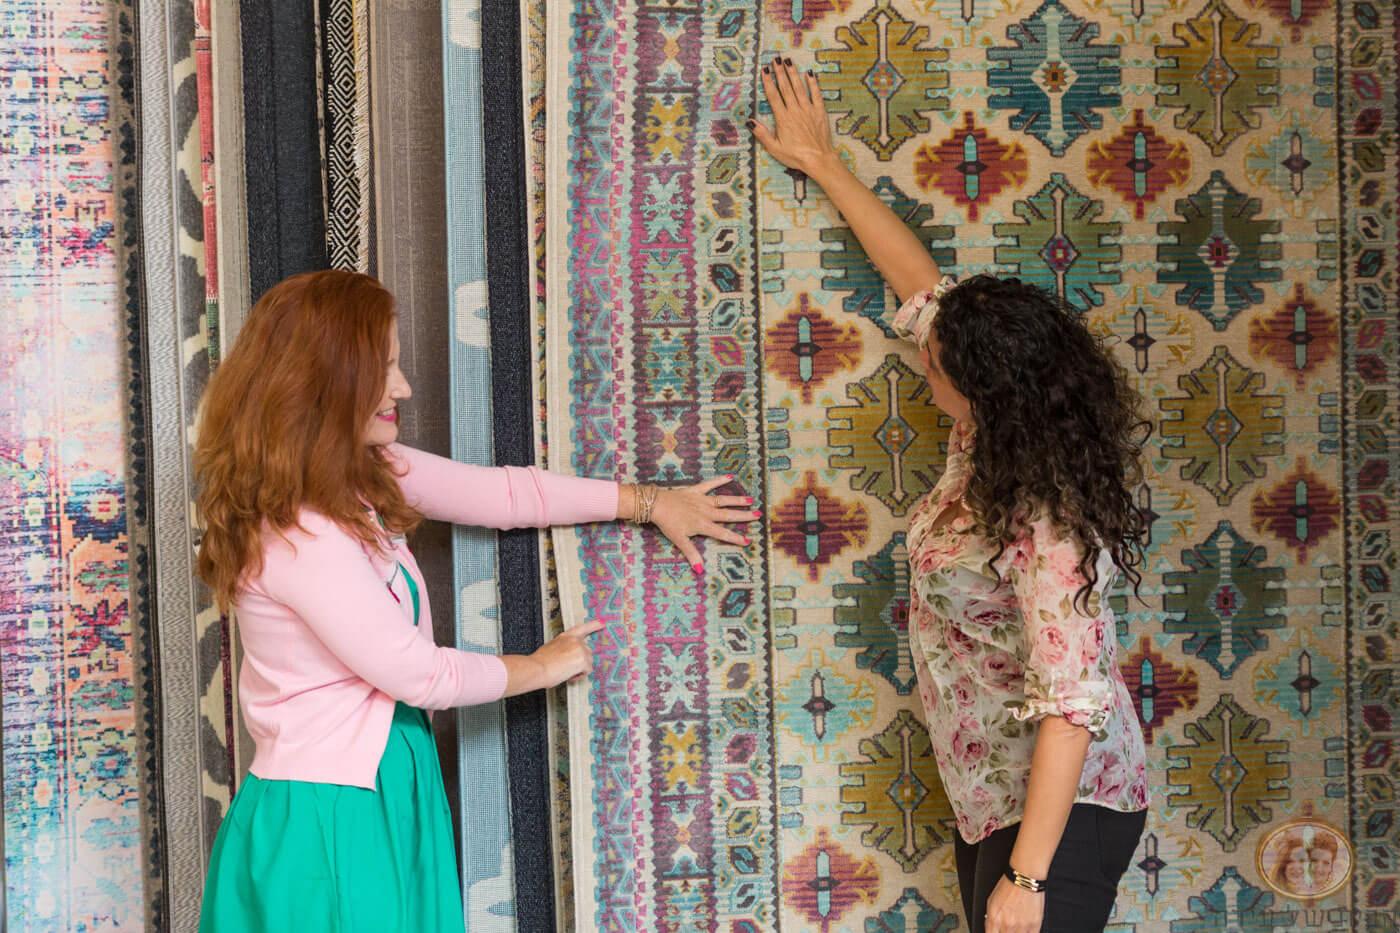 בחירת והתאמת שטיחים לבית